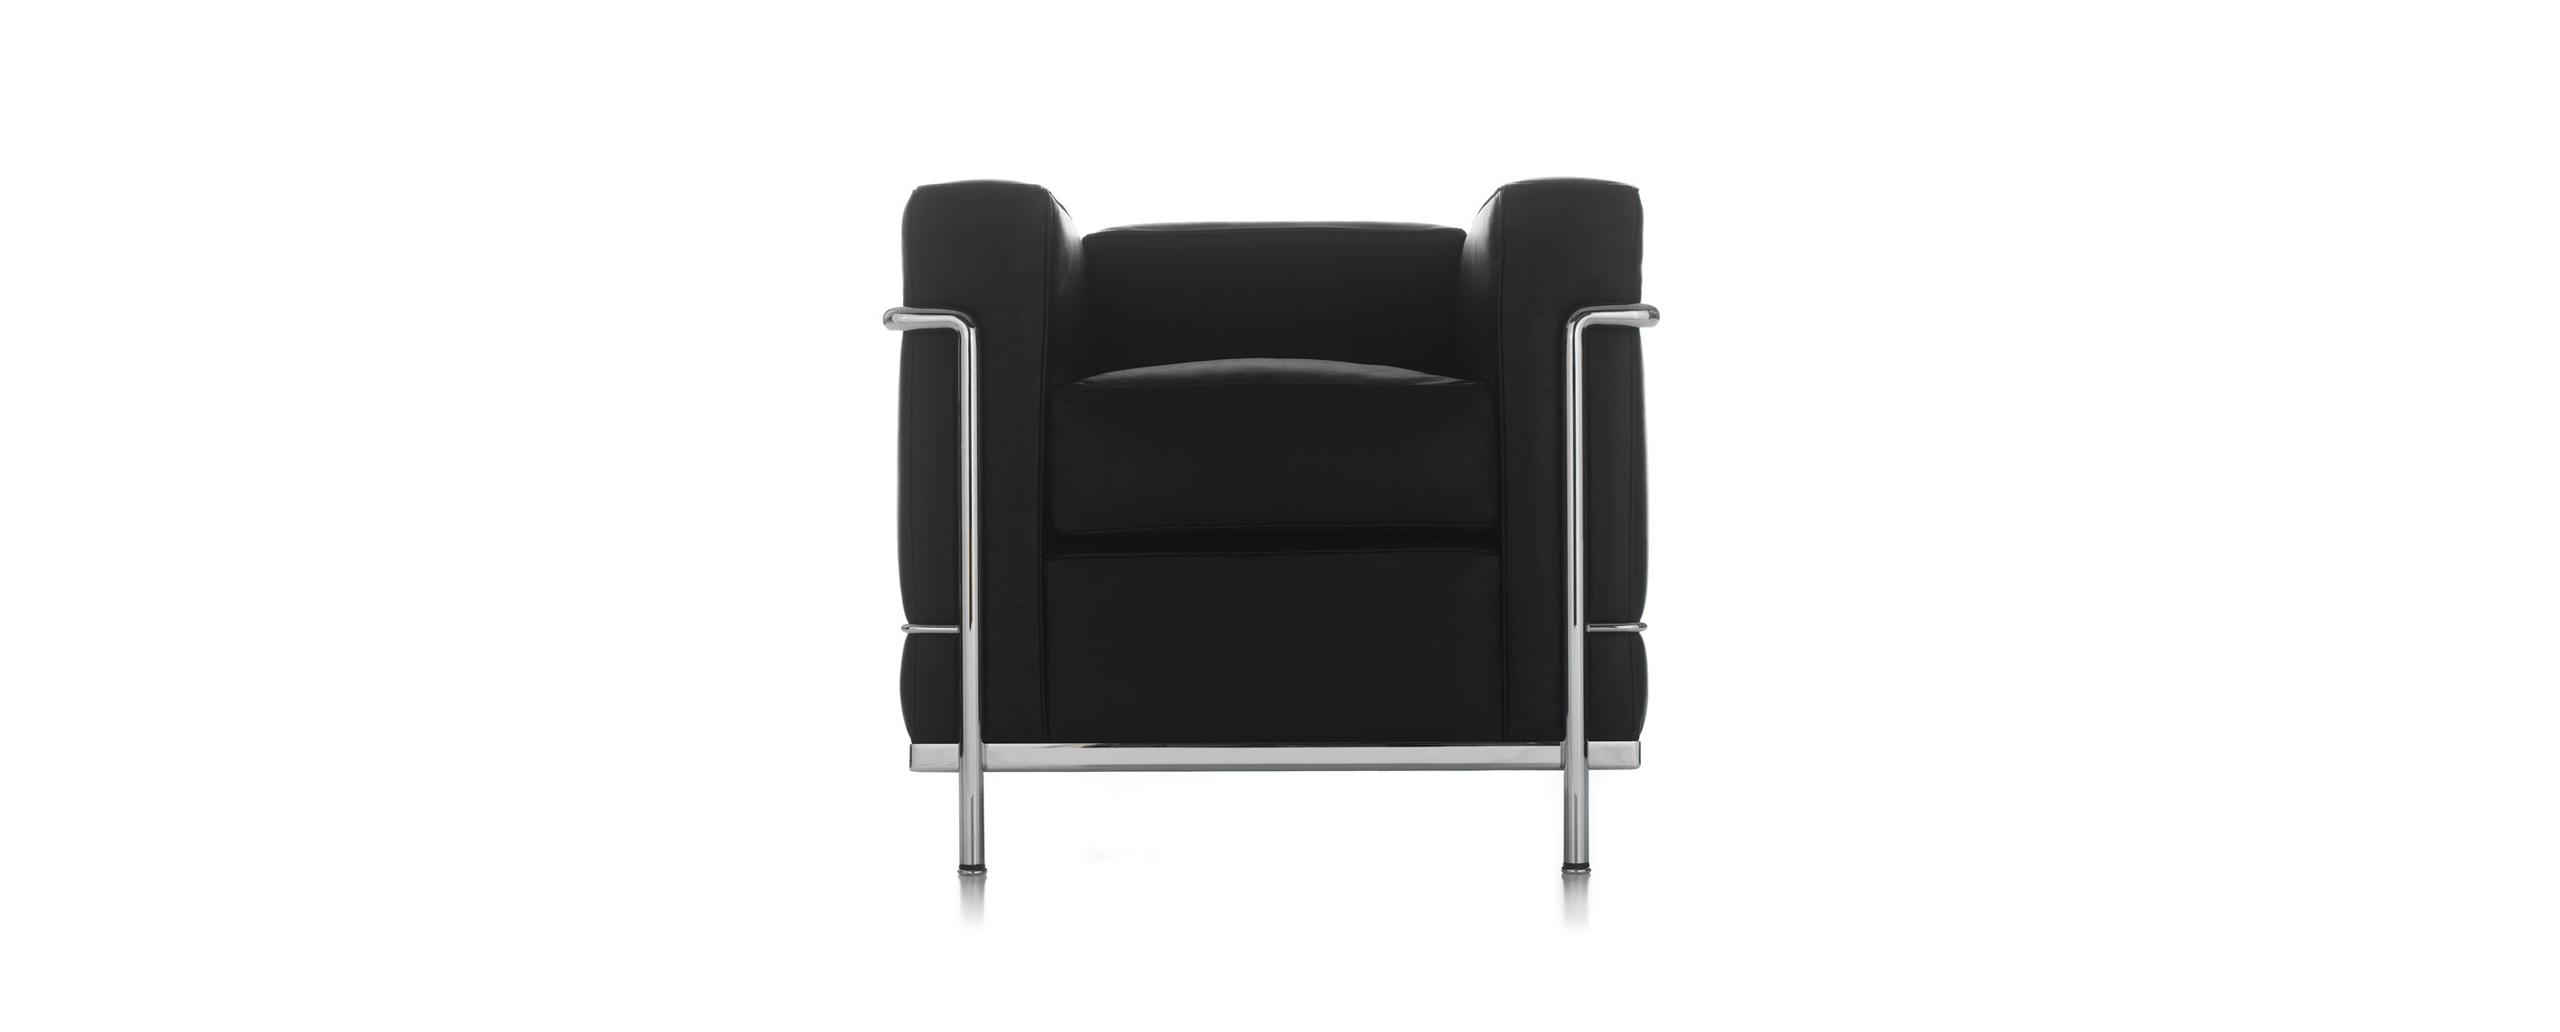 La poltrona grand confort di le corbusier zed progetti for Poltrona lc2